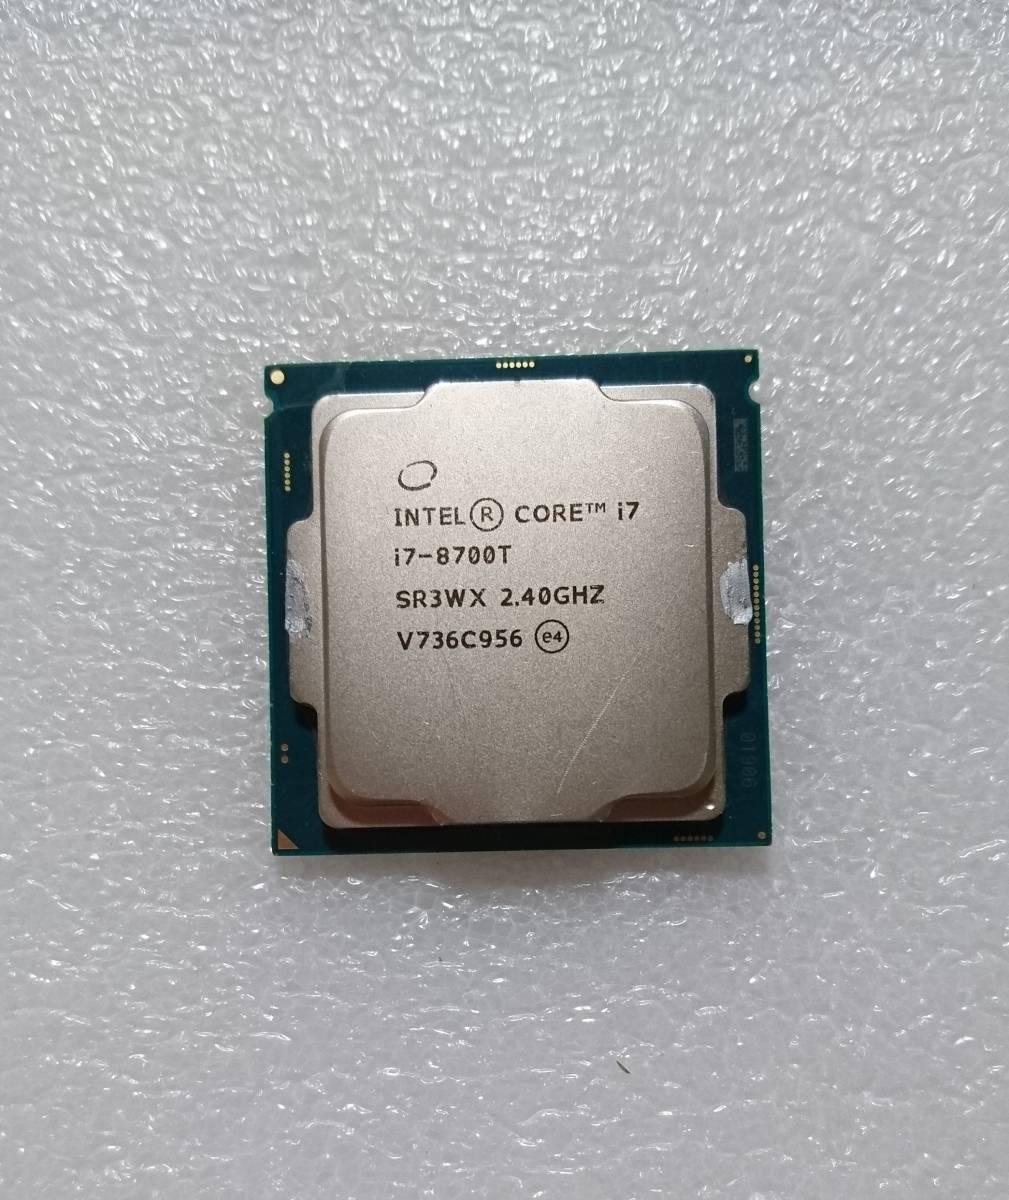 ☆ intel Core i7-8700T SR3WX 2.40GHz LGA1151 インテル CPU 第8世代 ☆